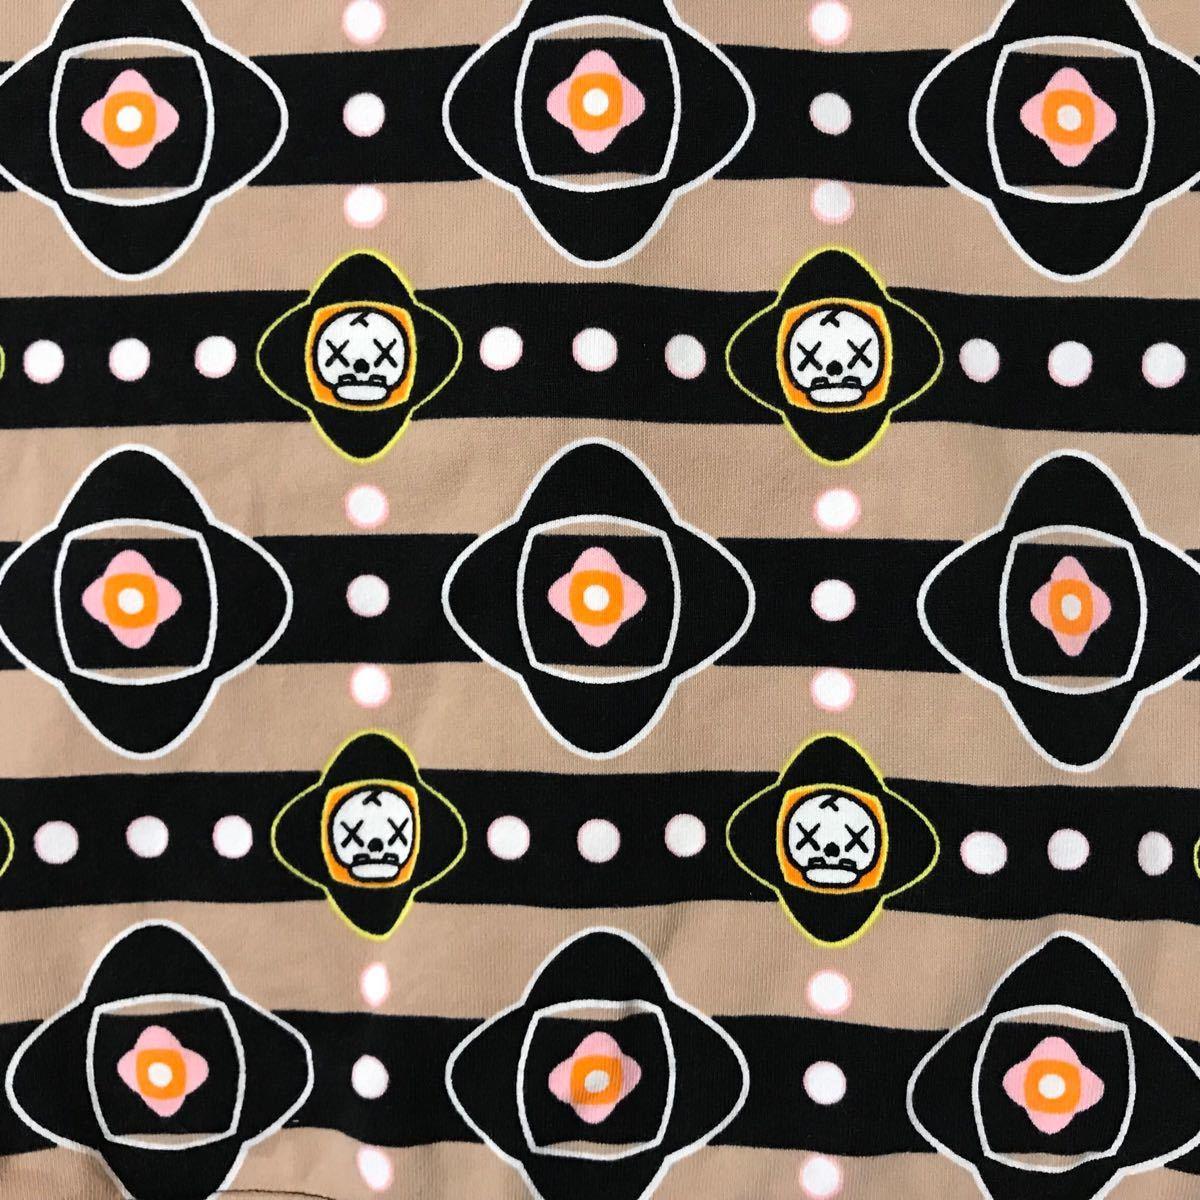 ★激レア★ kaws マイロ モノグラム フルジップ パーカー レディース shortサイズ カウズ a bathing ape bape milo Monogram エイプ ベイプ